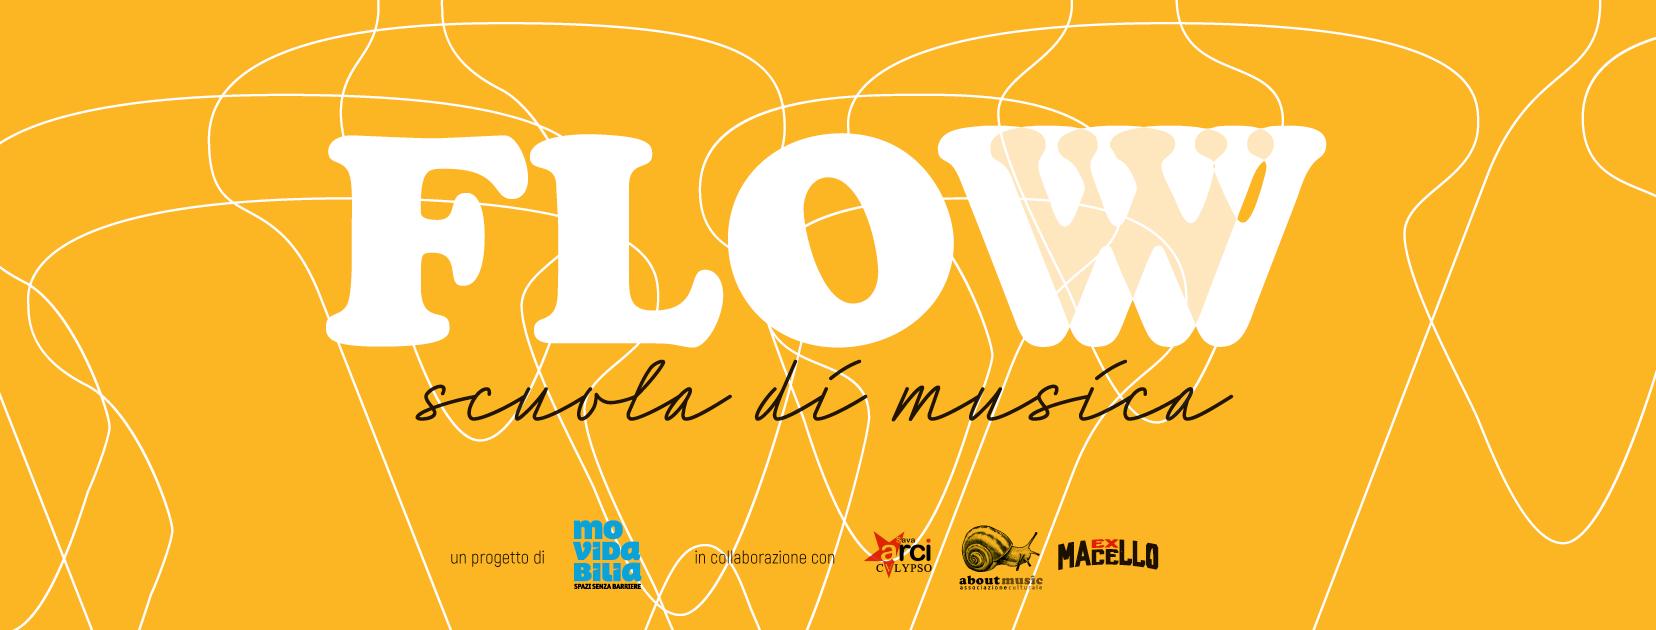 flow - locandina del progetto